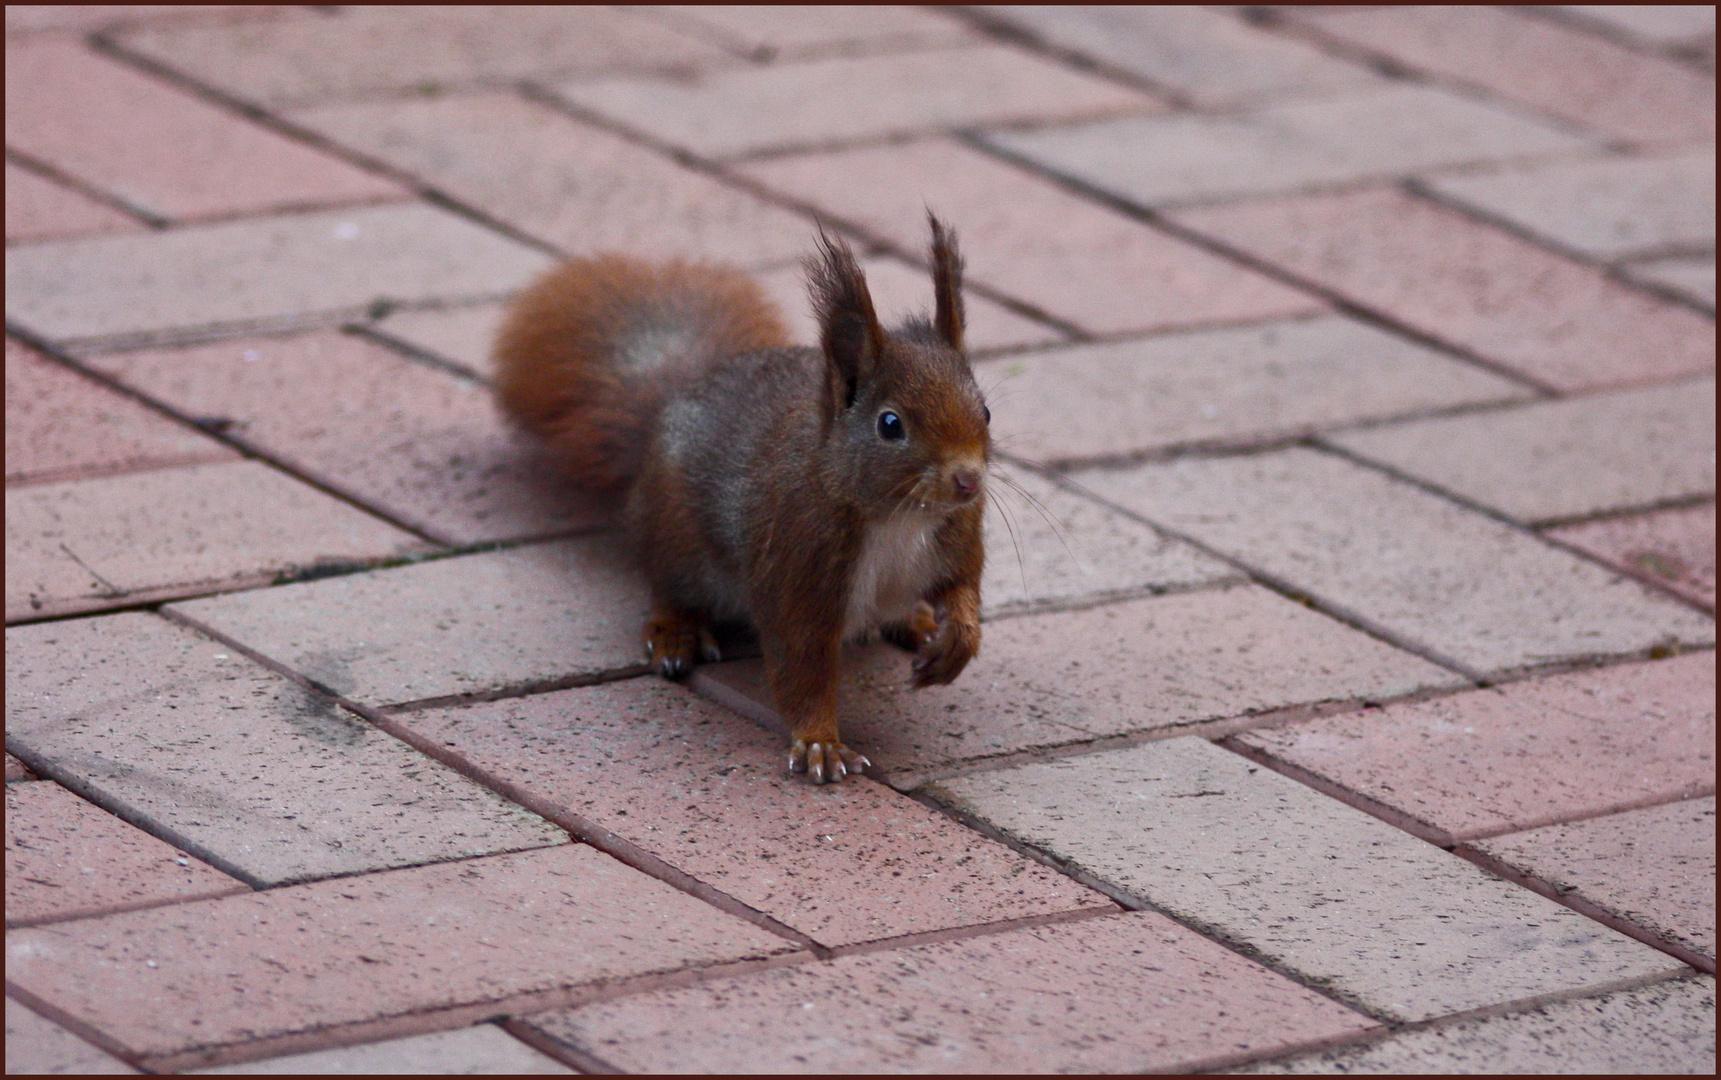 Eichhörnchenbesuch!